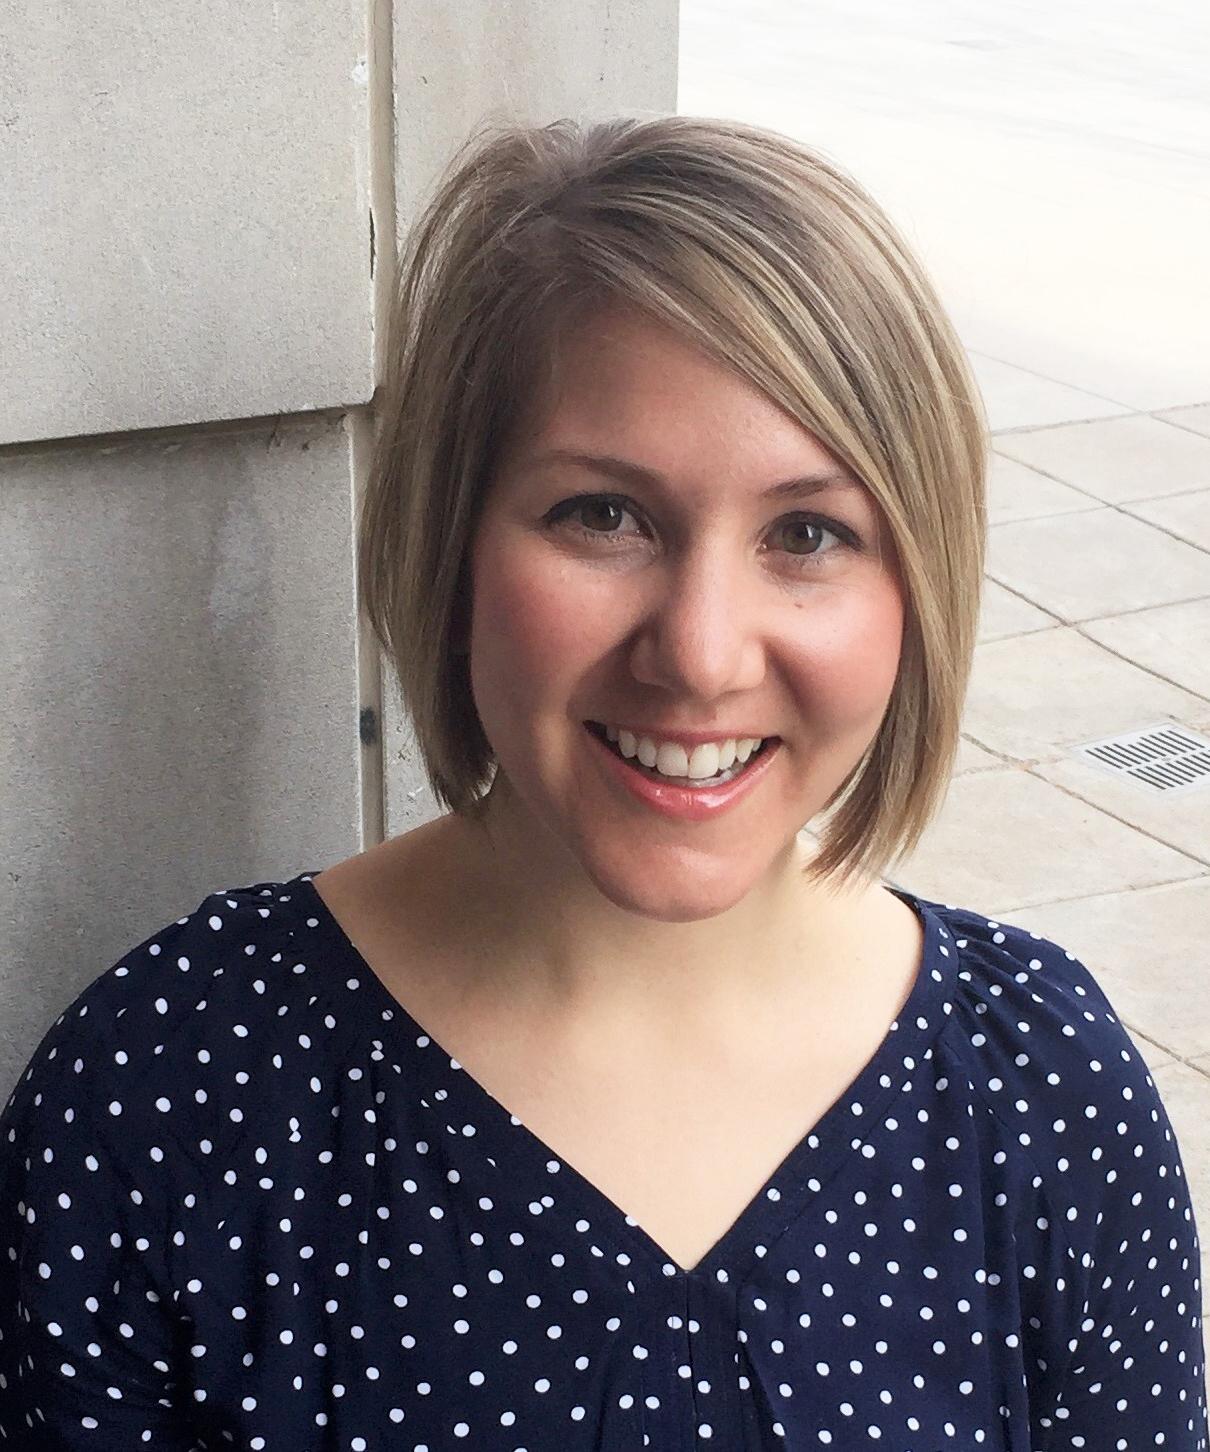 Sarah Haskell Headshot